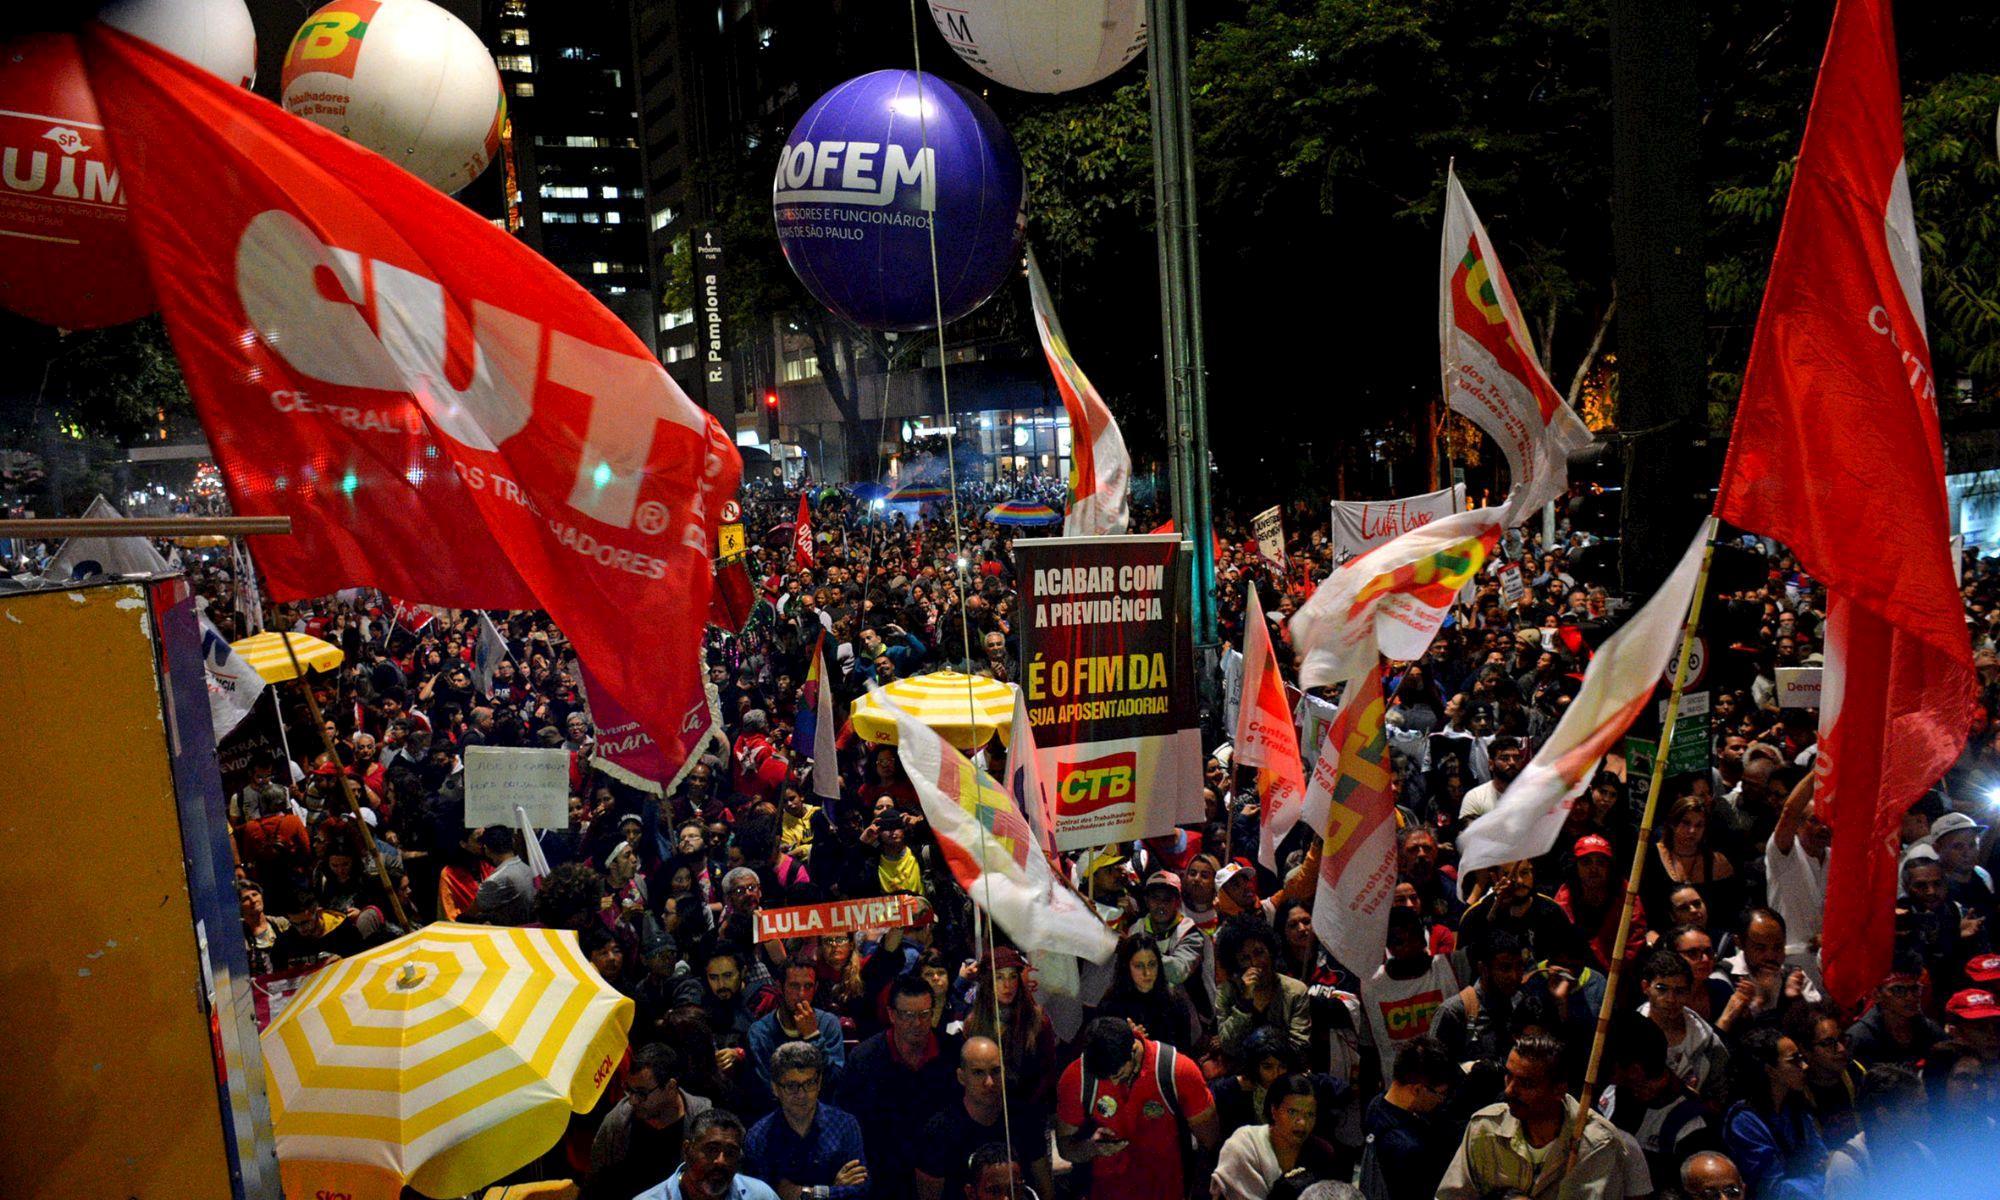 previdência, reforma, paulista, aposentadoria, manifestação, Foguinho/Imprensa SMetal